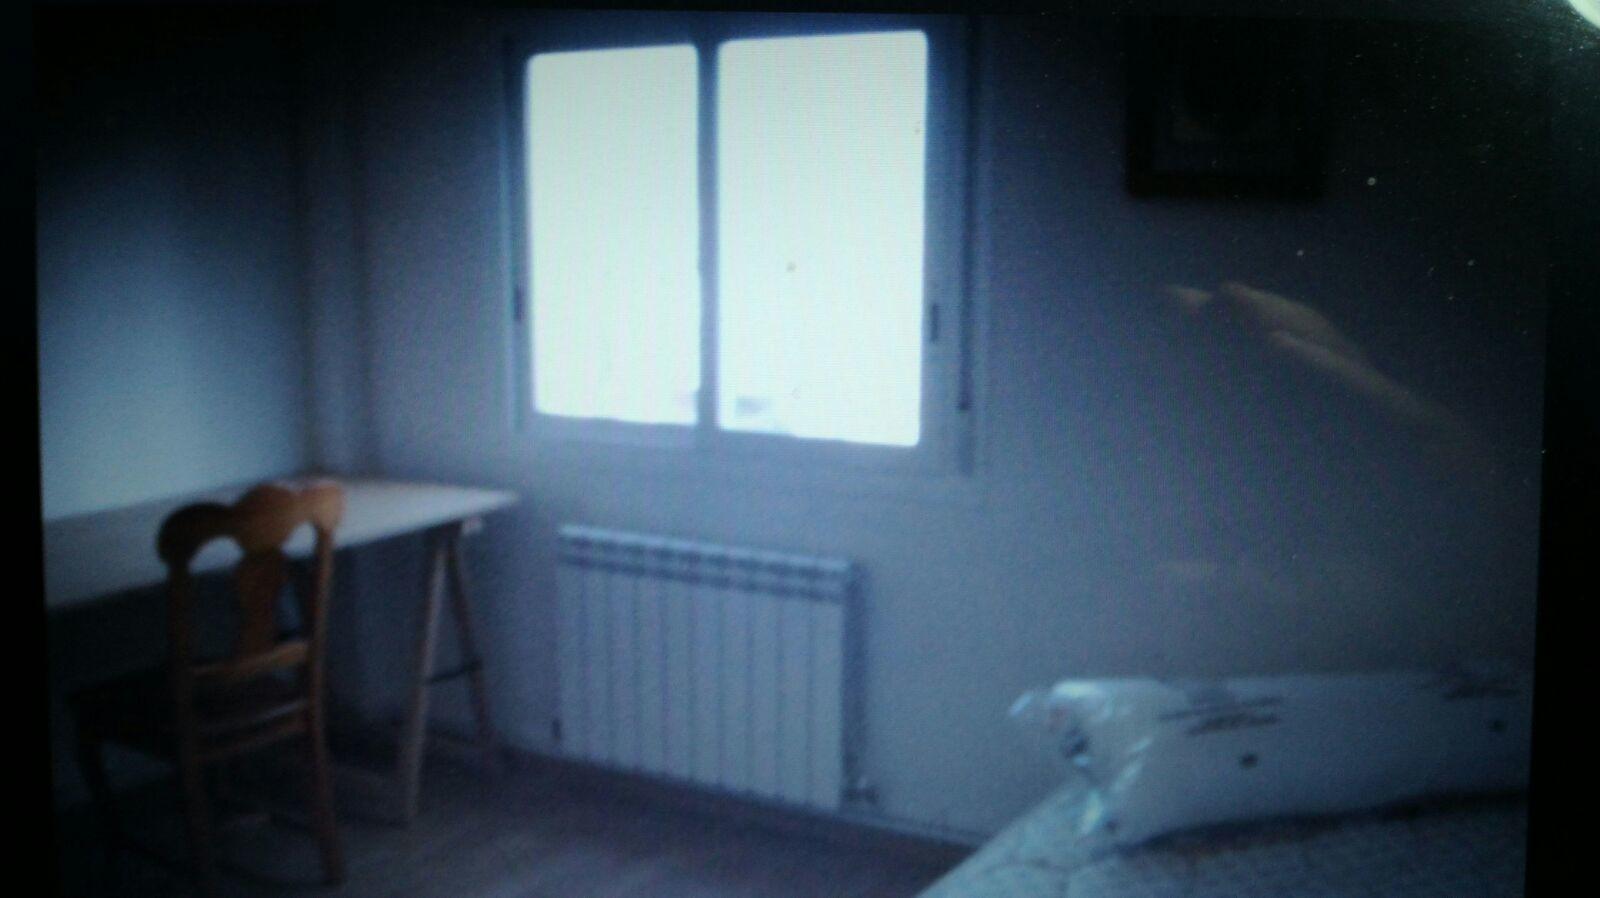 Habitación muy barata para alquilar en Huesca, est